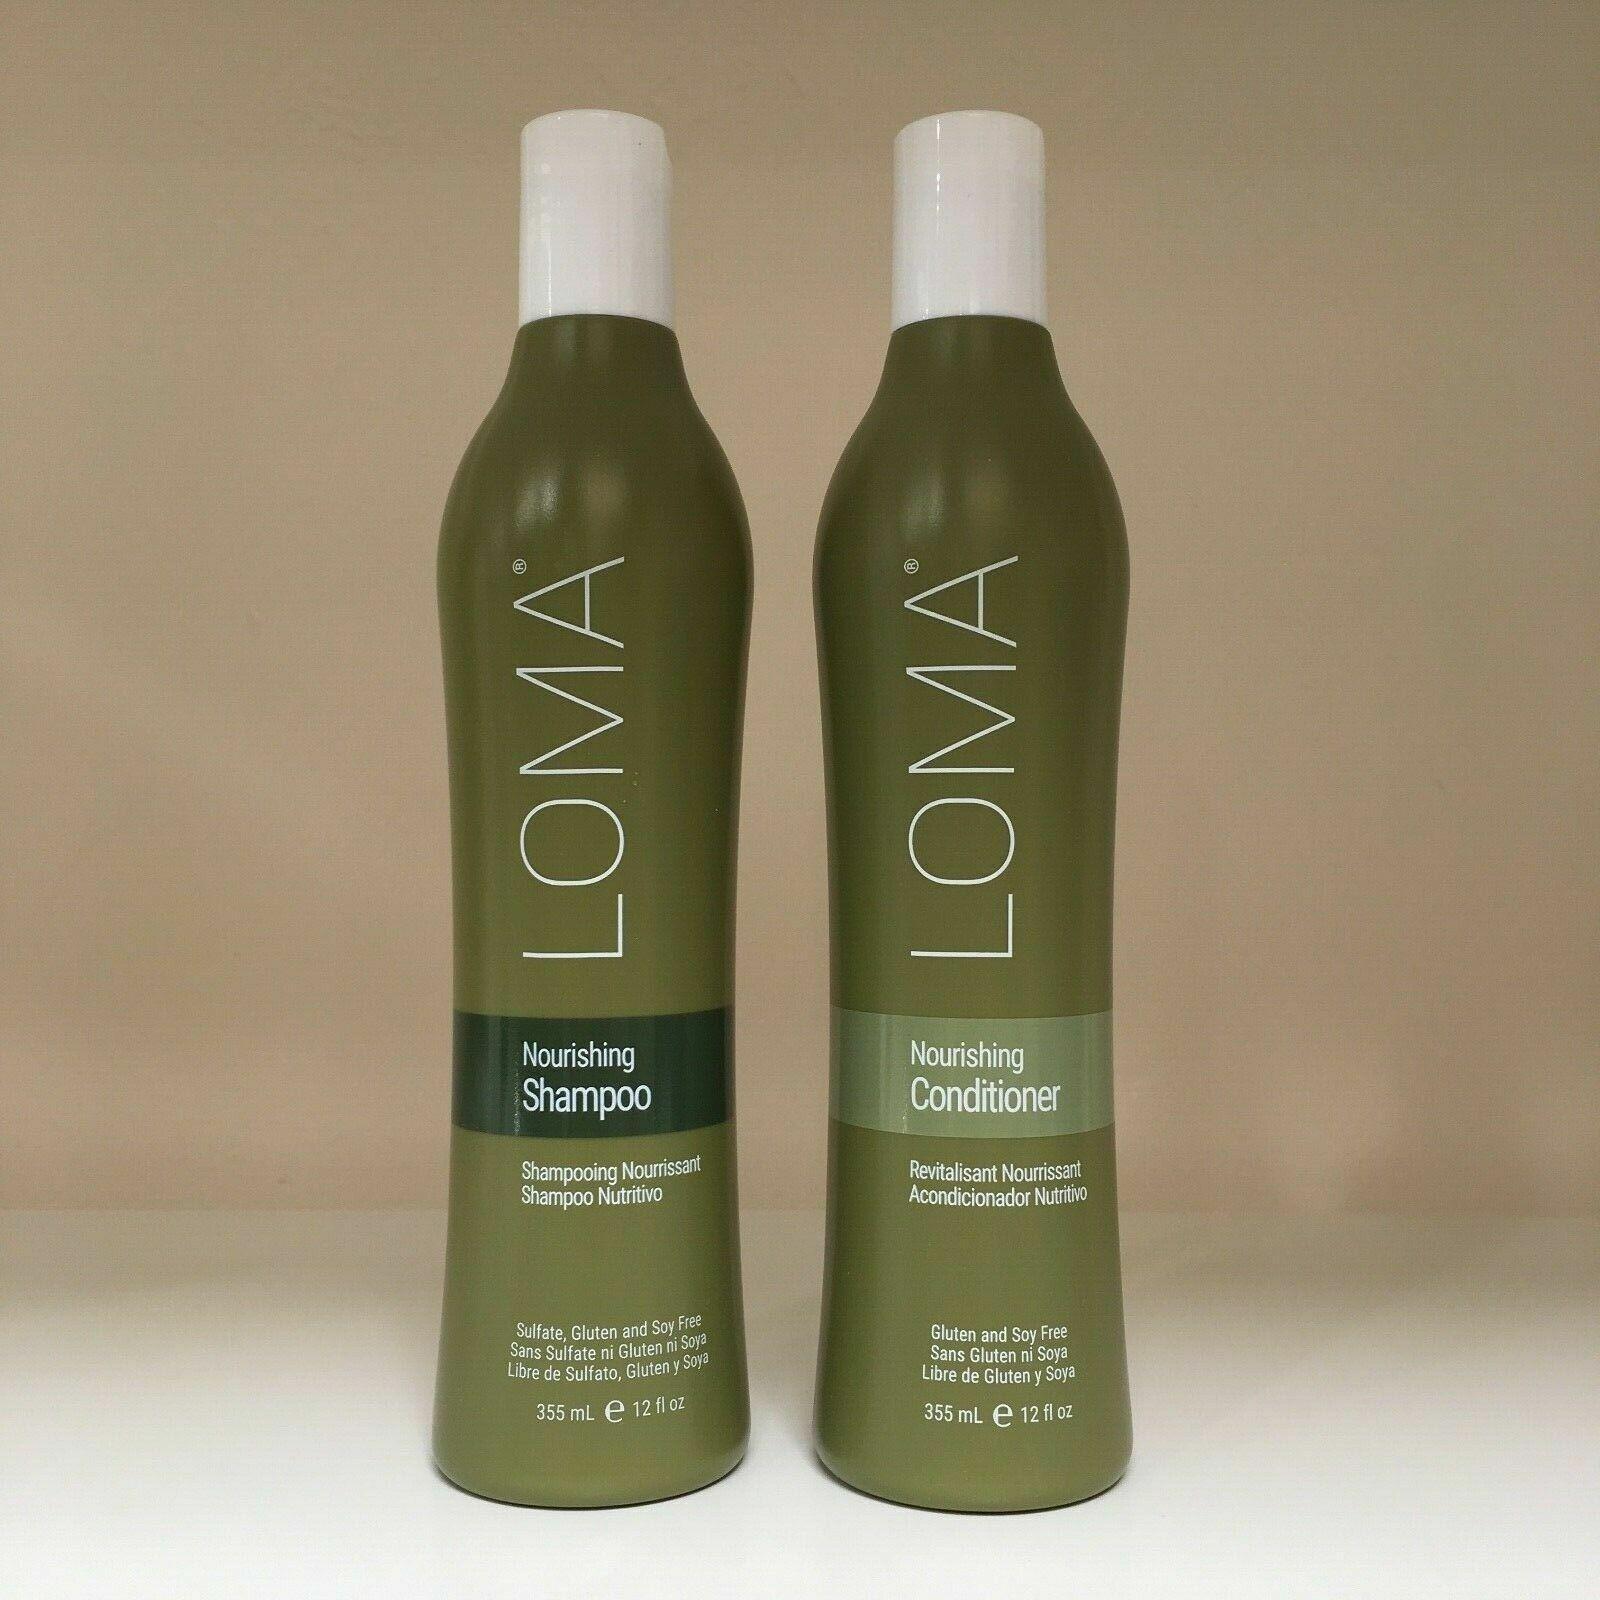 Loma Nourishing Shampoo & Conditioner Duo - 12 oz each *** N